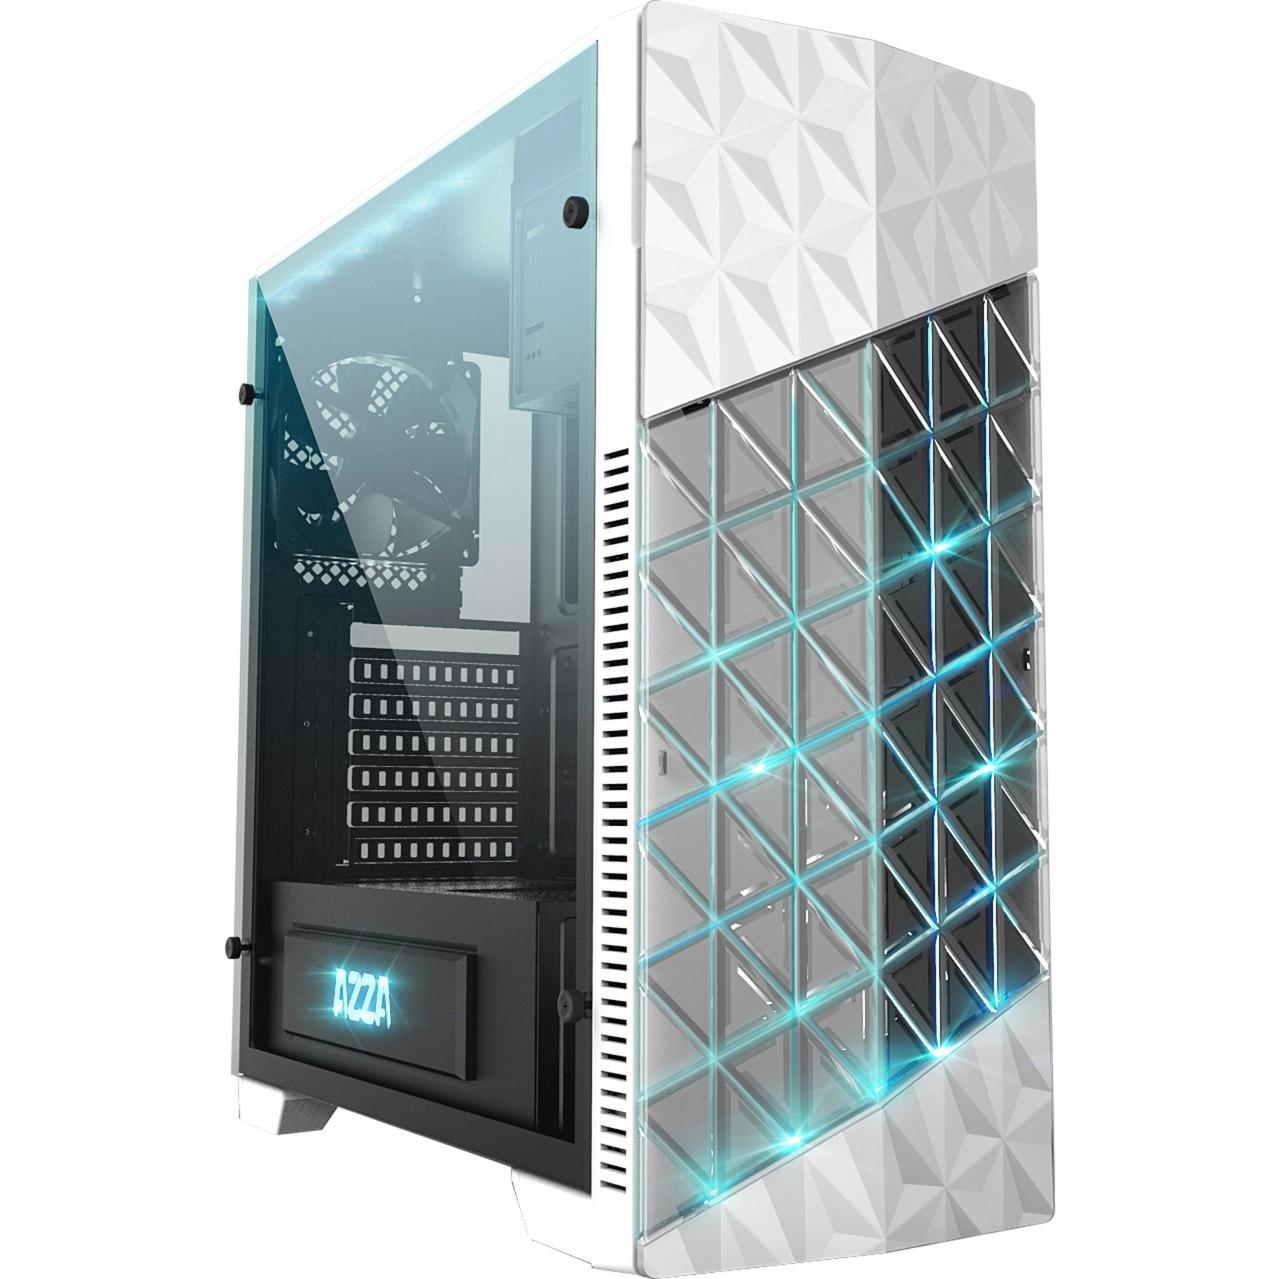 onyx-260-towerkabinet